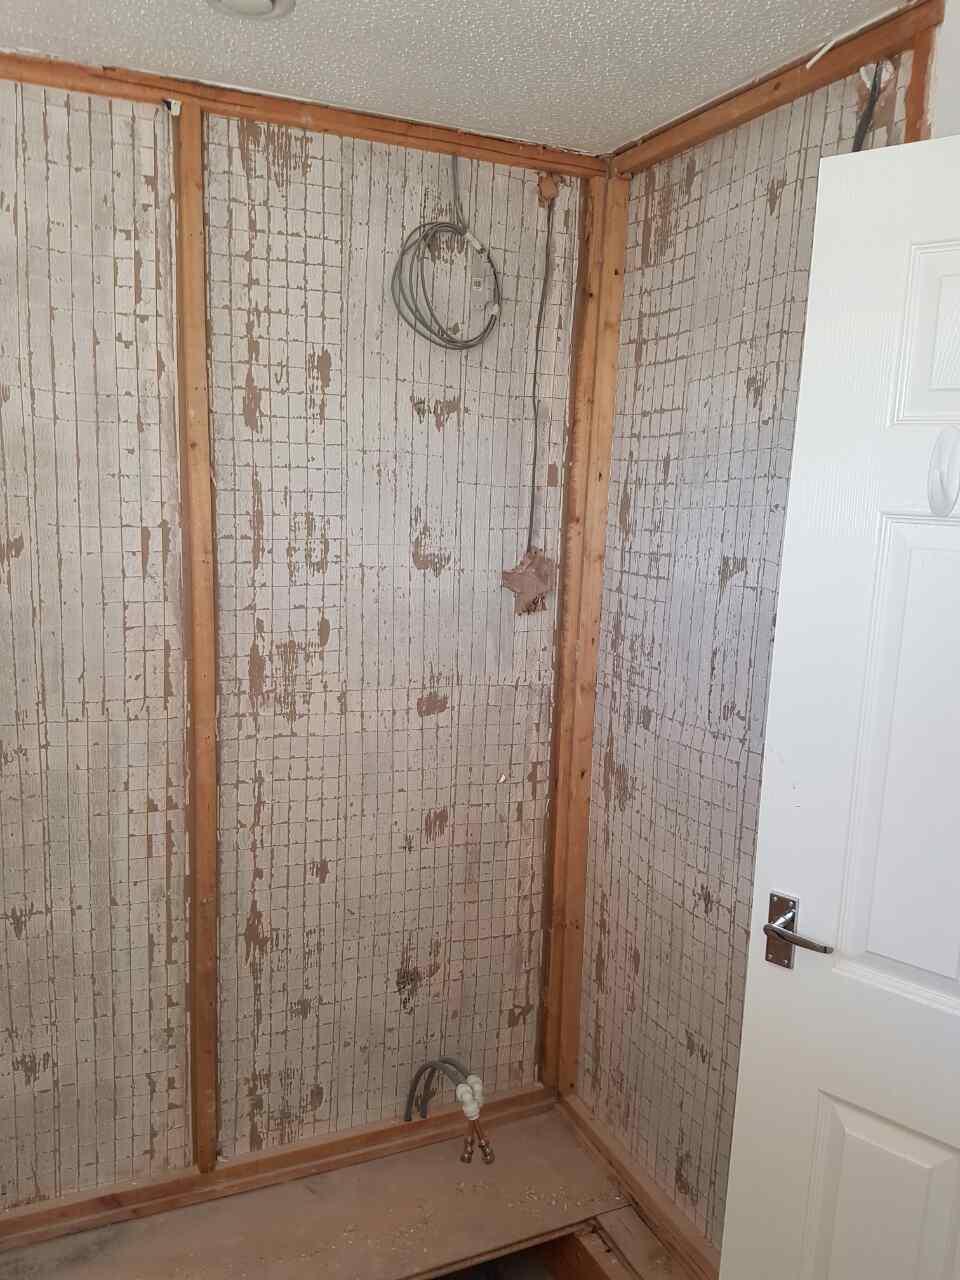 Kúpeľňa Manchester GB - Obrázok č. 2